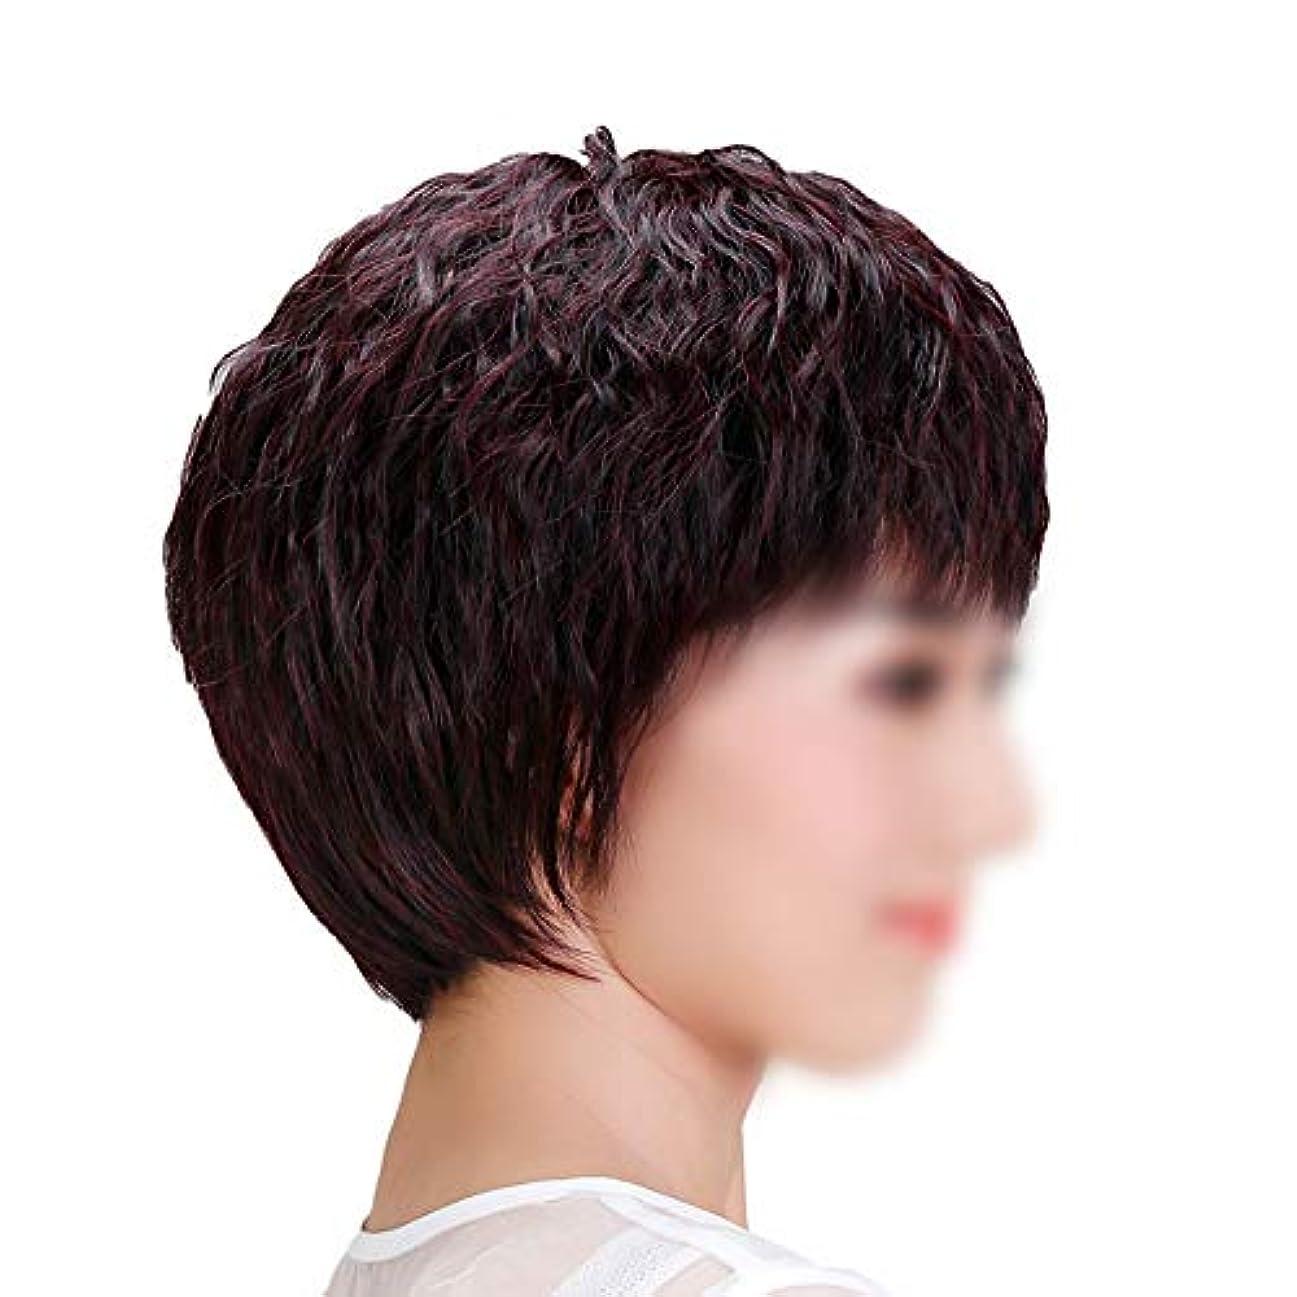 シャークテレビ局勝者YOUQIU 手織り女子ショートストレートヘアー中年ウィッグ母のギフトウィッグのための自然な人間の髪 (色 : Dark brown, サイズ : Mechanism)